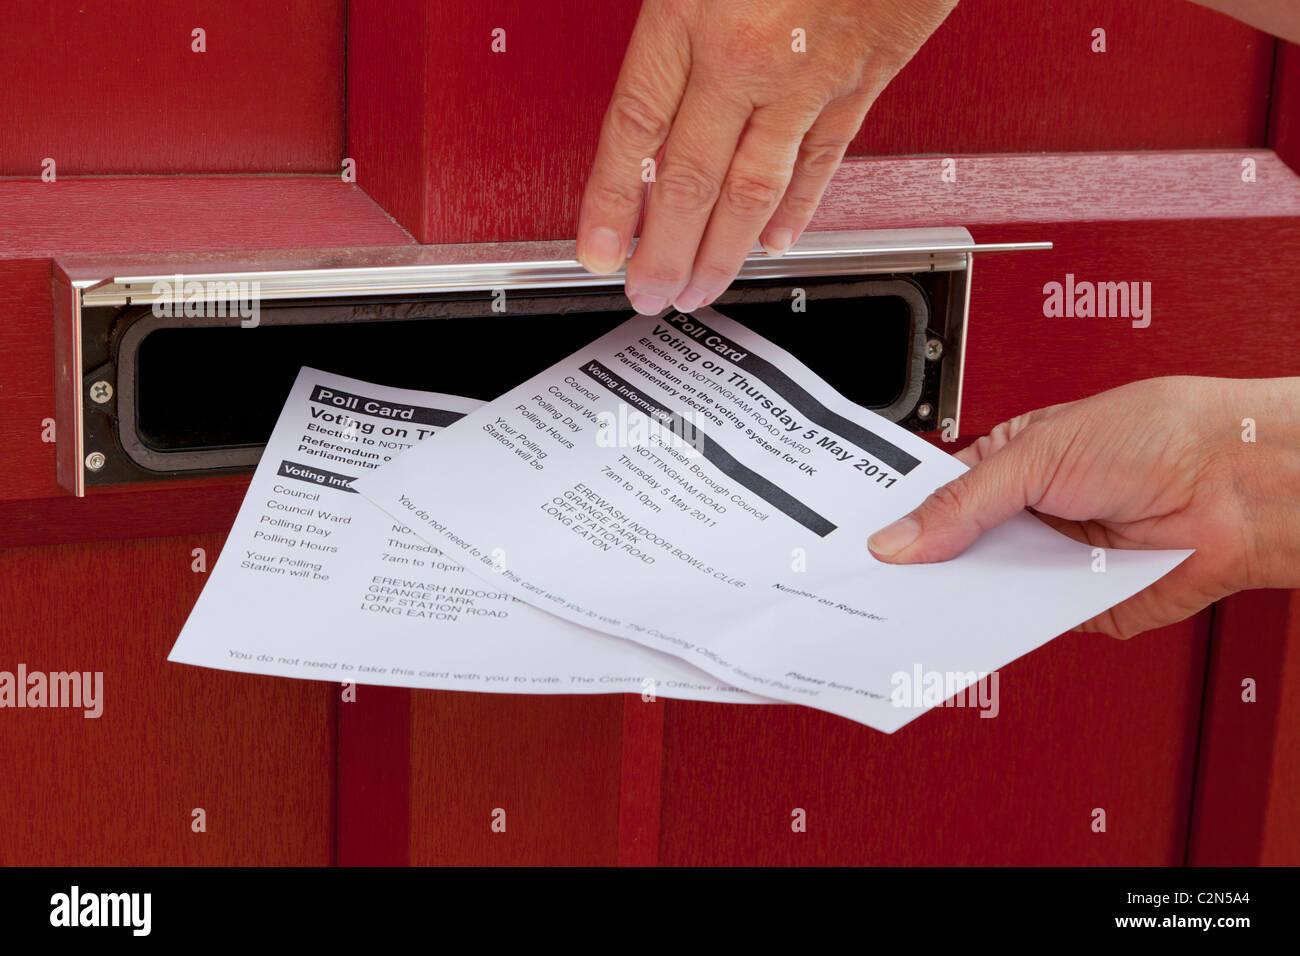 Les cartes de vote, poussé dans une lettre fort porte avant pour le référendum Av le 5 mai 2011 England Photo Stock